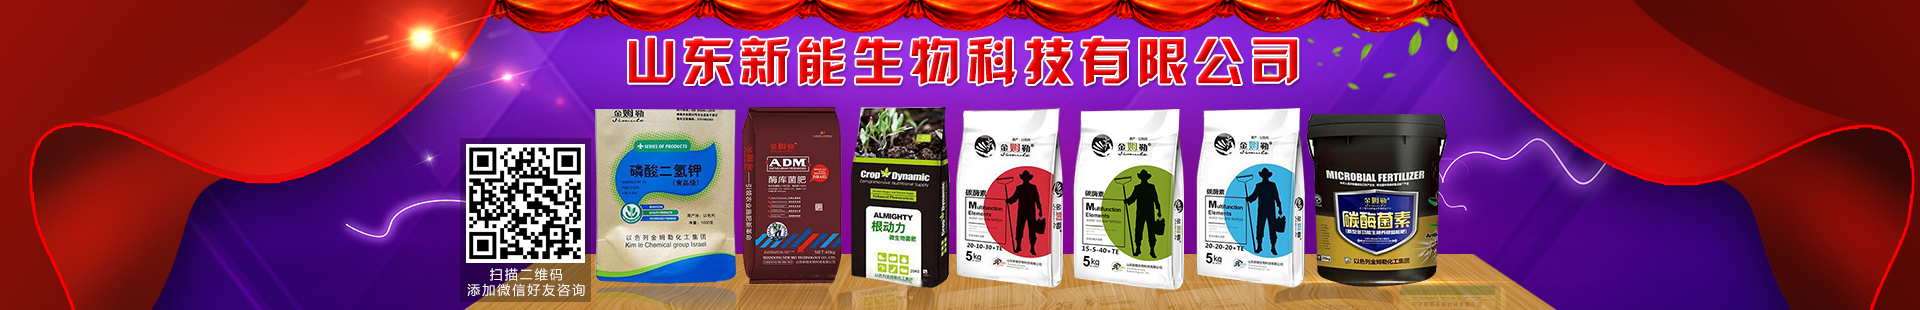 山�|新能生物科技有限公司